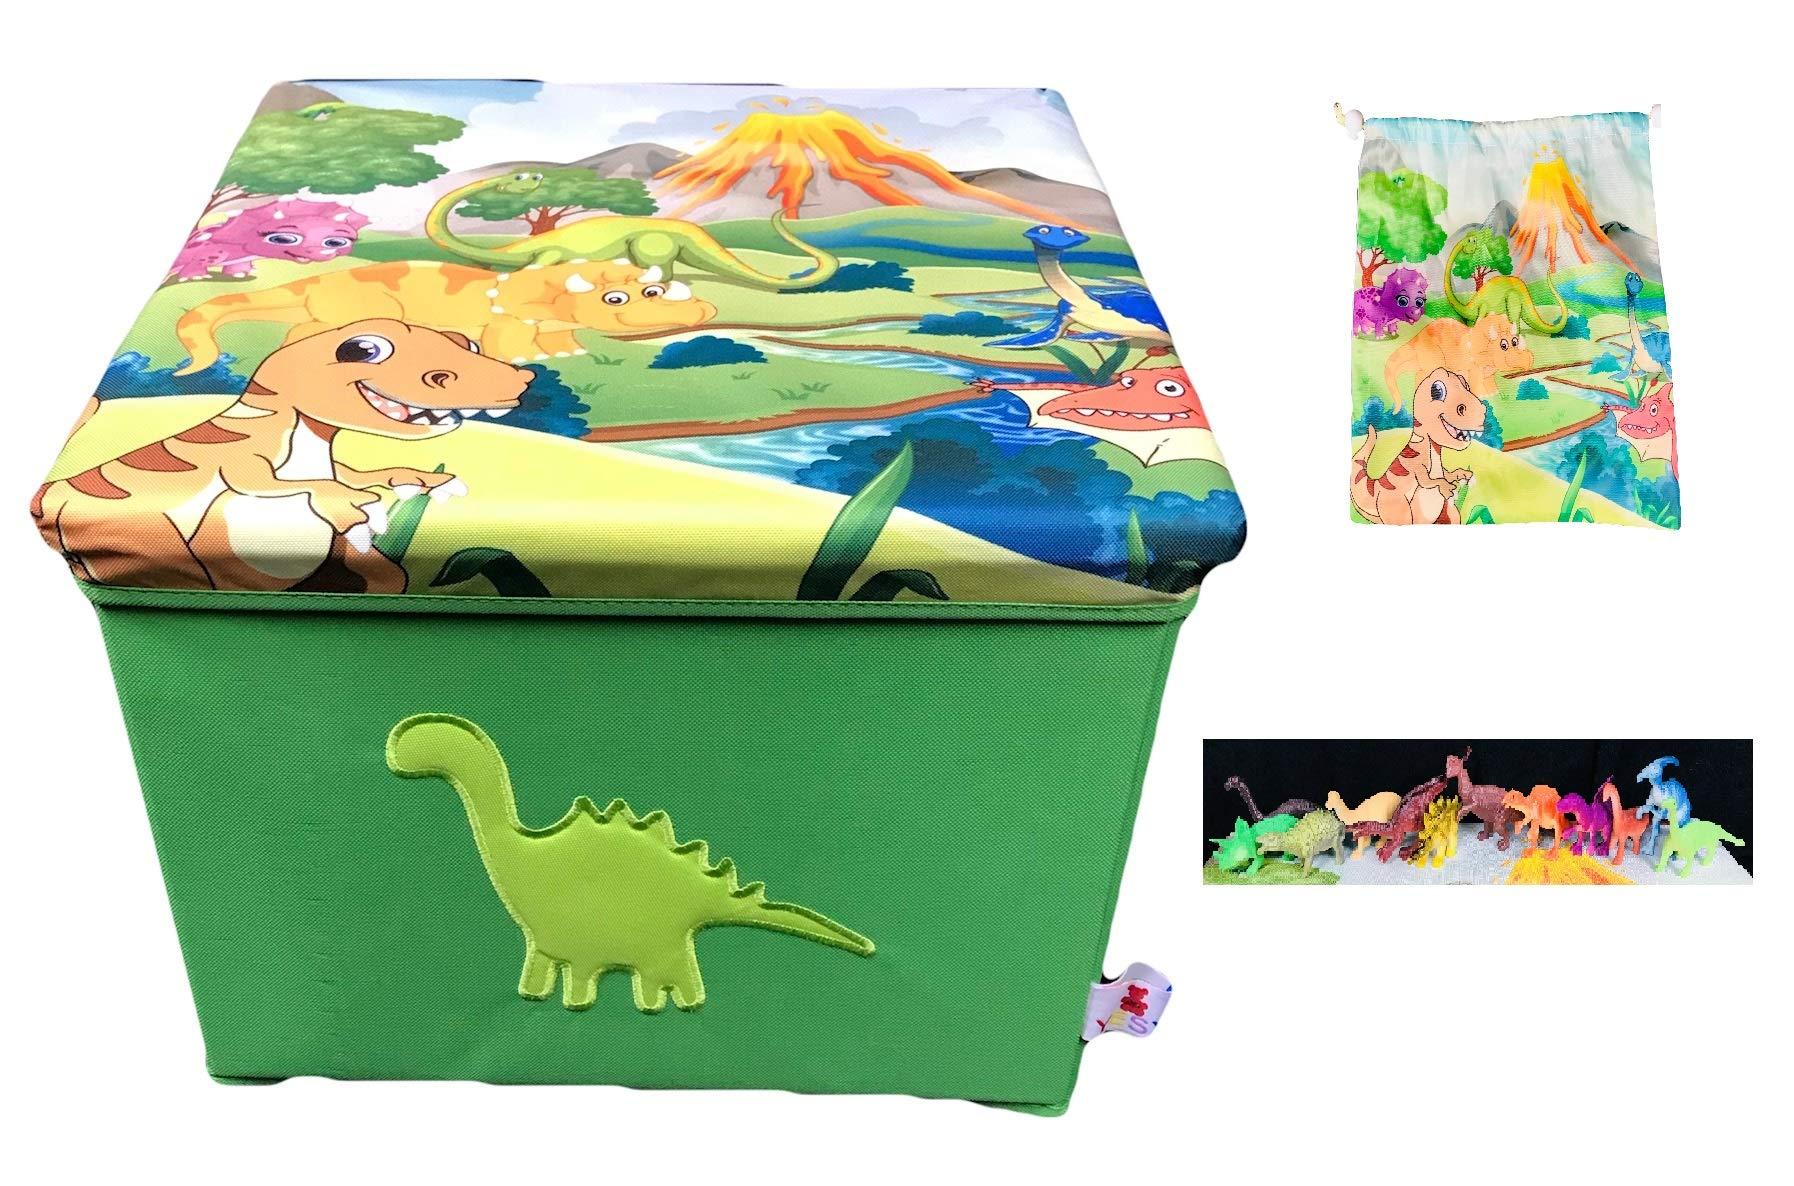 YESY Toy Box Storage, My Dino Box , Dinosaur Storage Toy Box , Foldable Toy Box and Chair with 12 Dino's